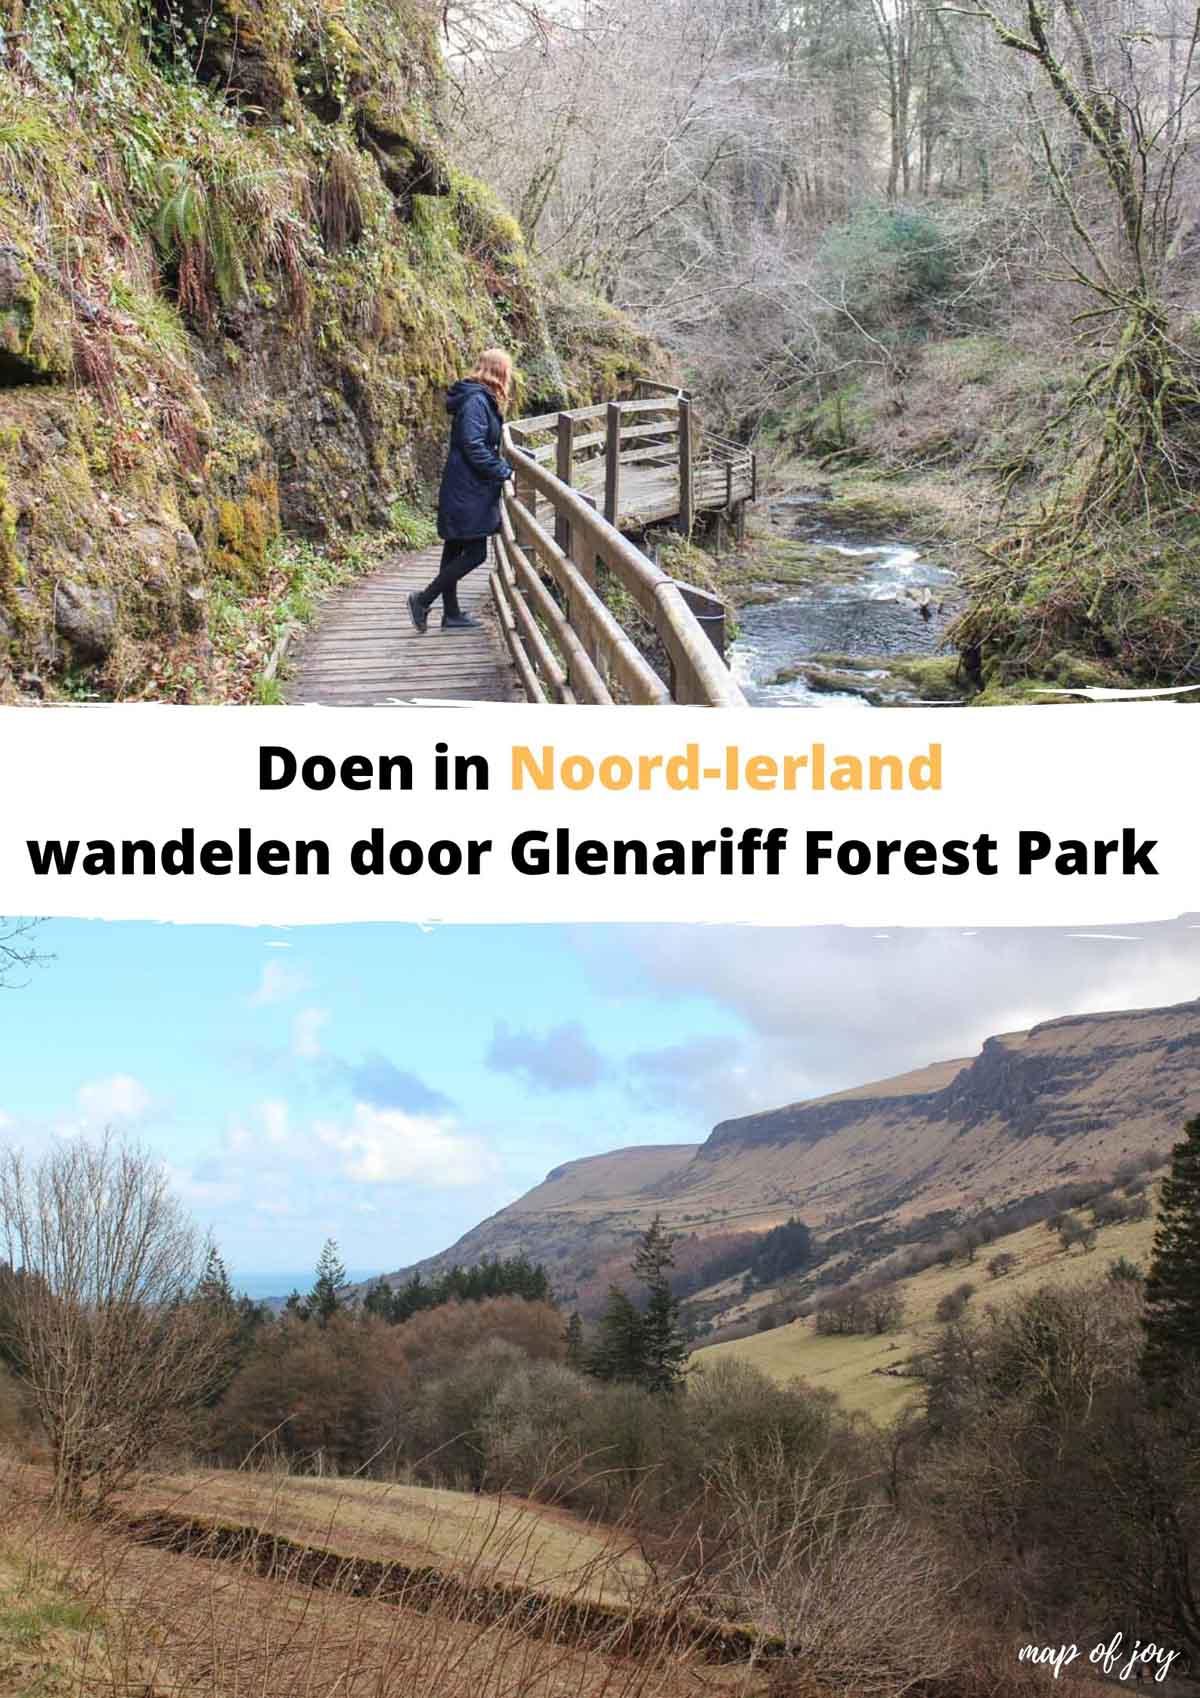 Wandelen door Glenariff Forest Park met bossen en watervallen - Map of Joy